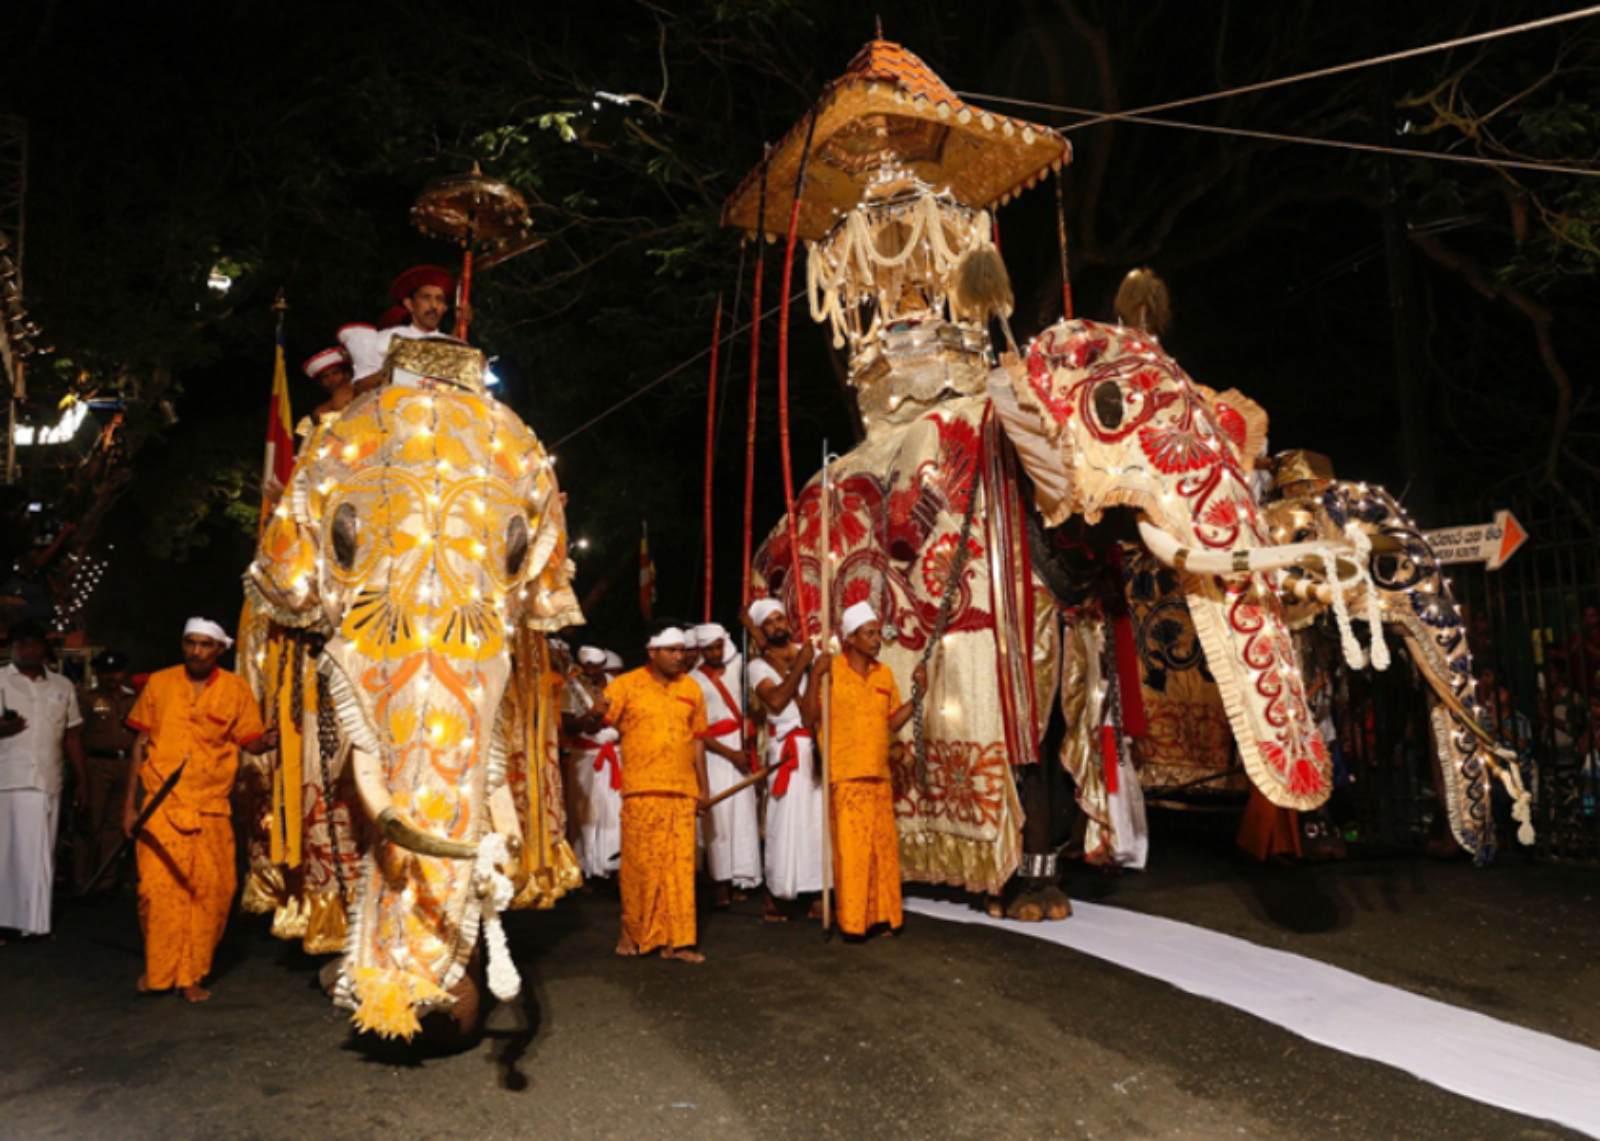 Final Randoli perahera of Mahiyanaganaya Rajamaha viharaya to parade the streets